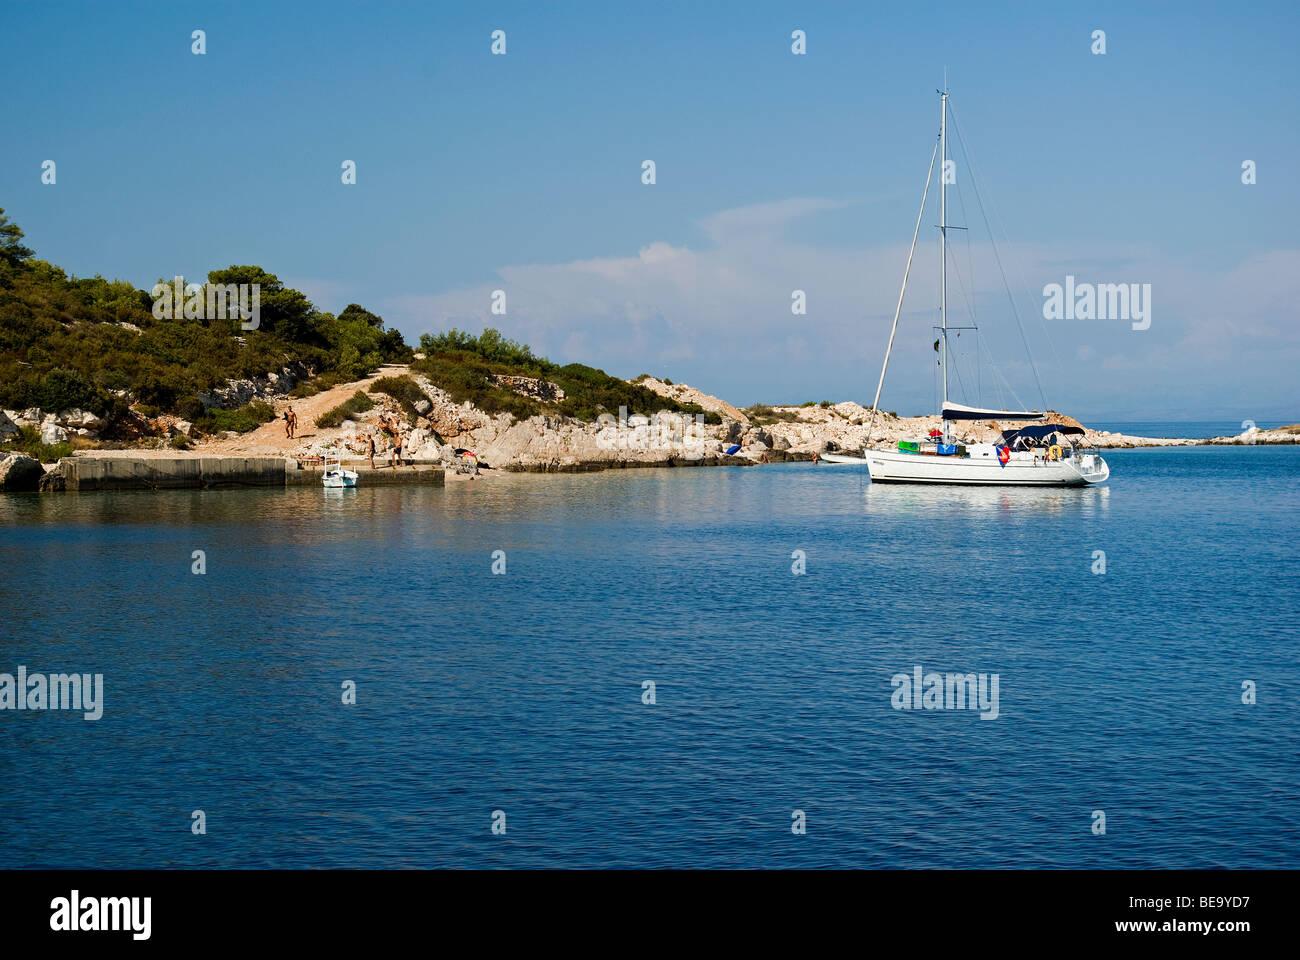 Croatia; Hrvartska; Kroatien, Vis, Sail charter boat anchored for lunch in beautiful Croatian bay - Stock Image